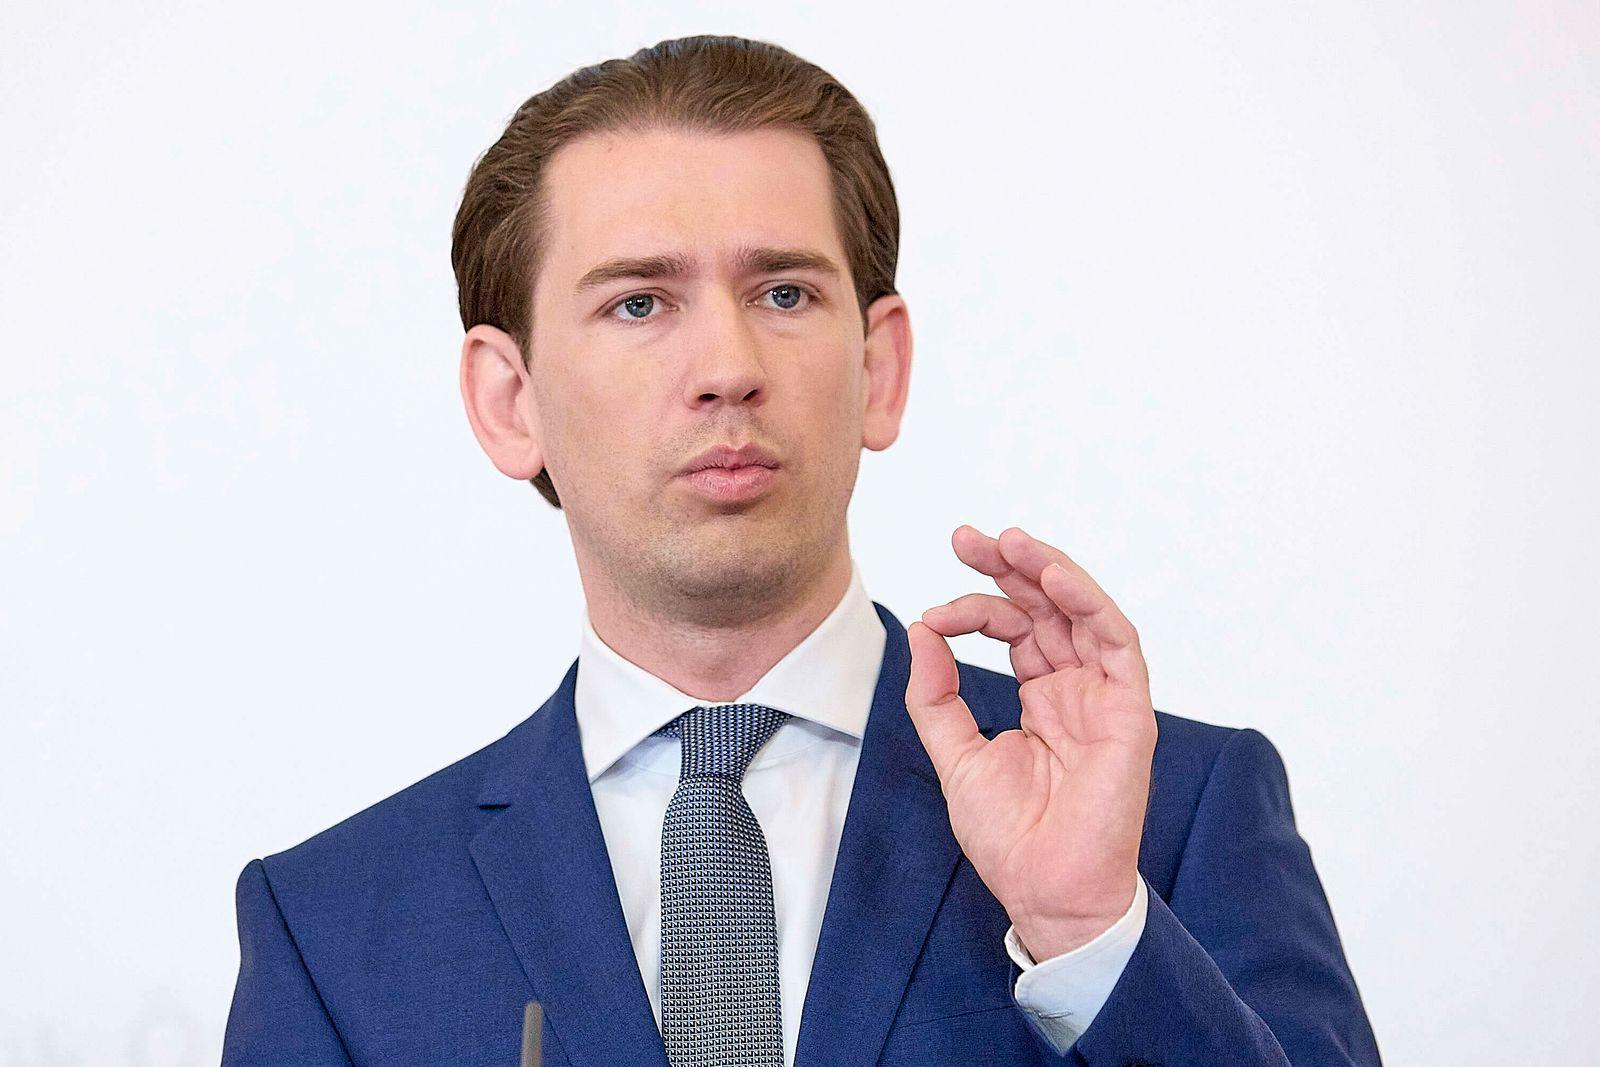 - Wien 09.07.2021 - Corona-Krise - Heute am Vormittag fand im Bundeskanzleramt eine Sizung der Taskforce der Regierung